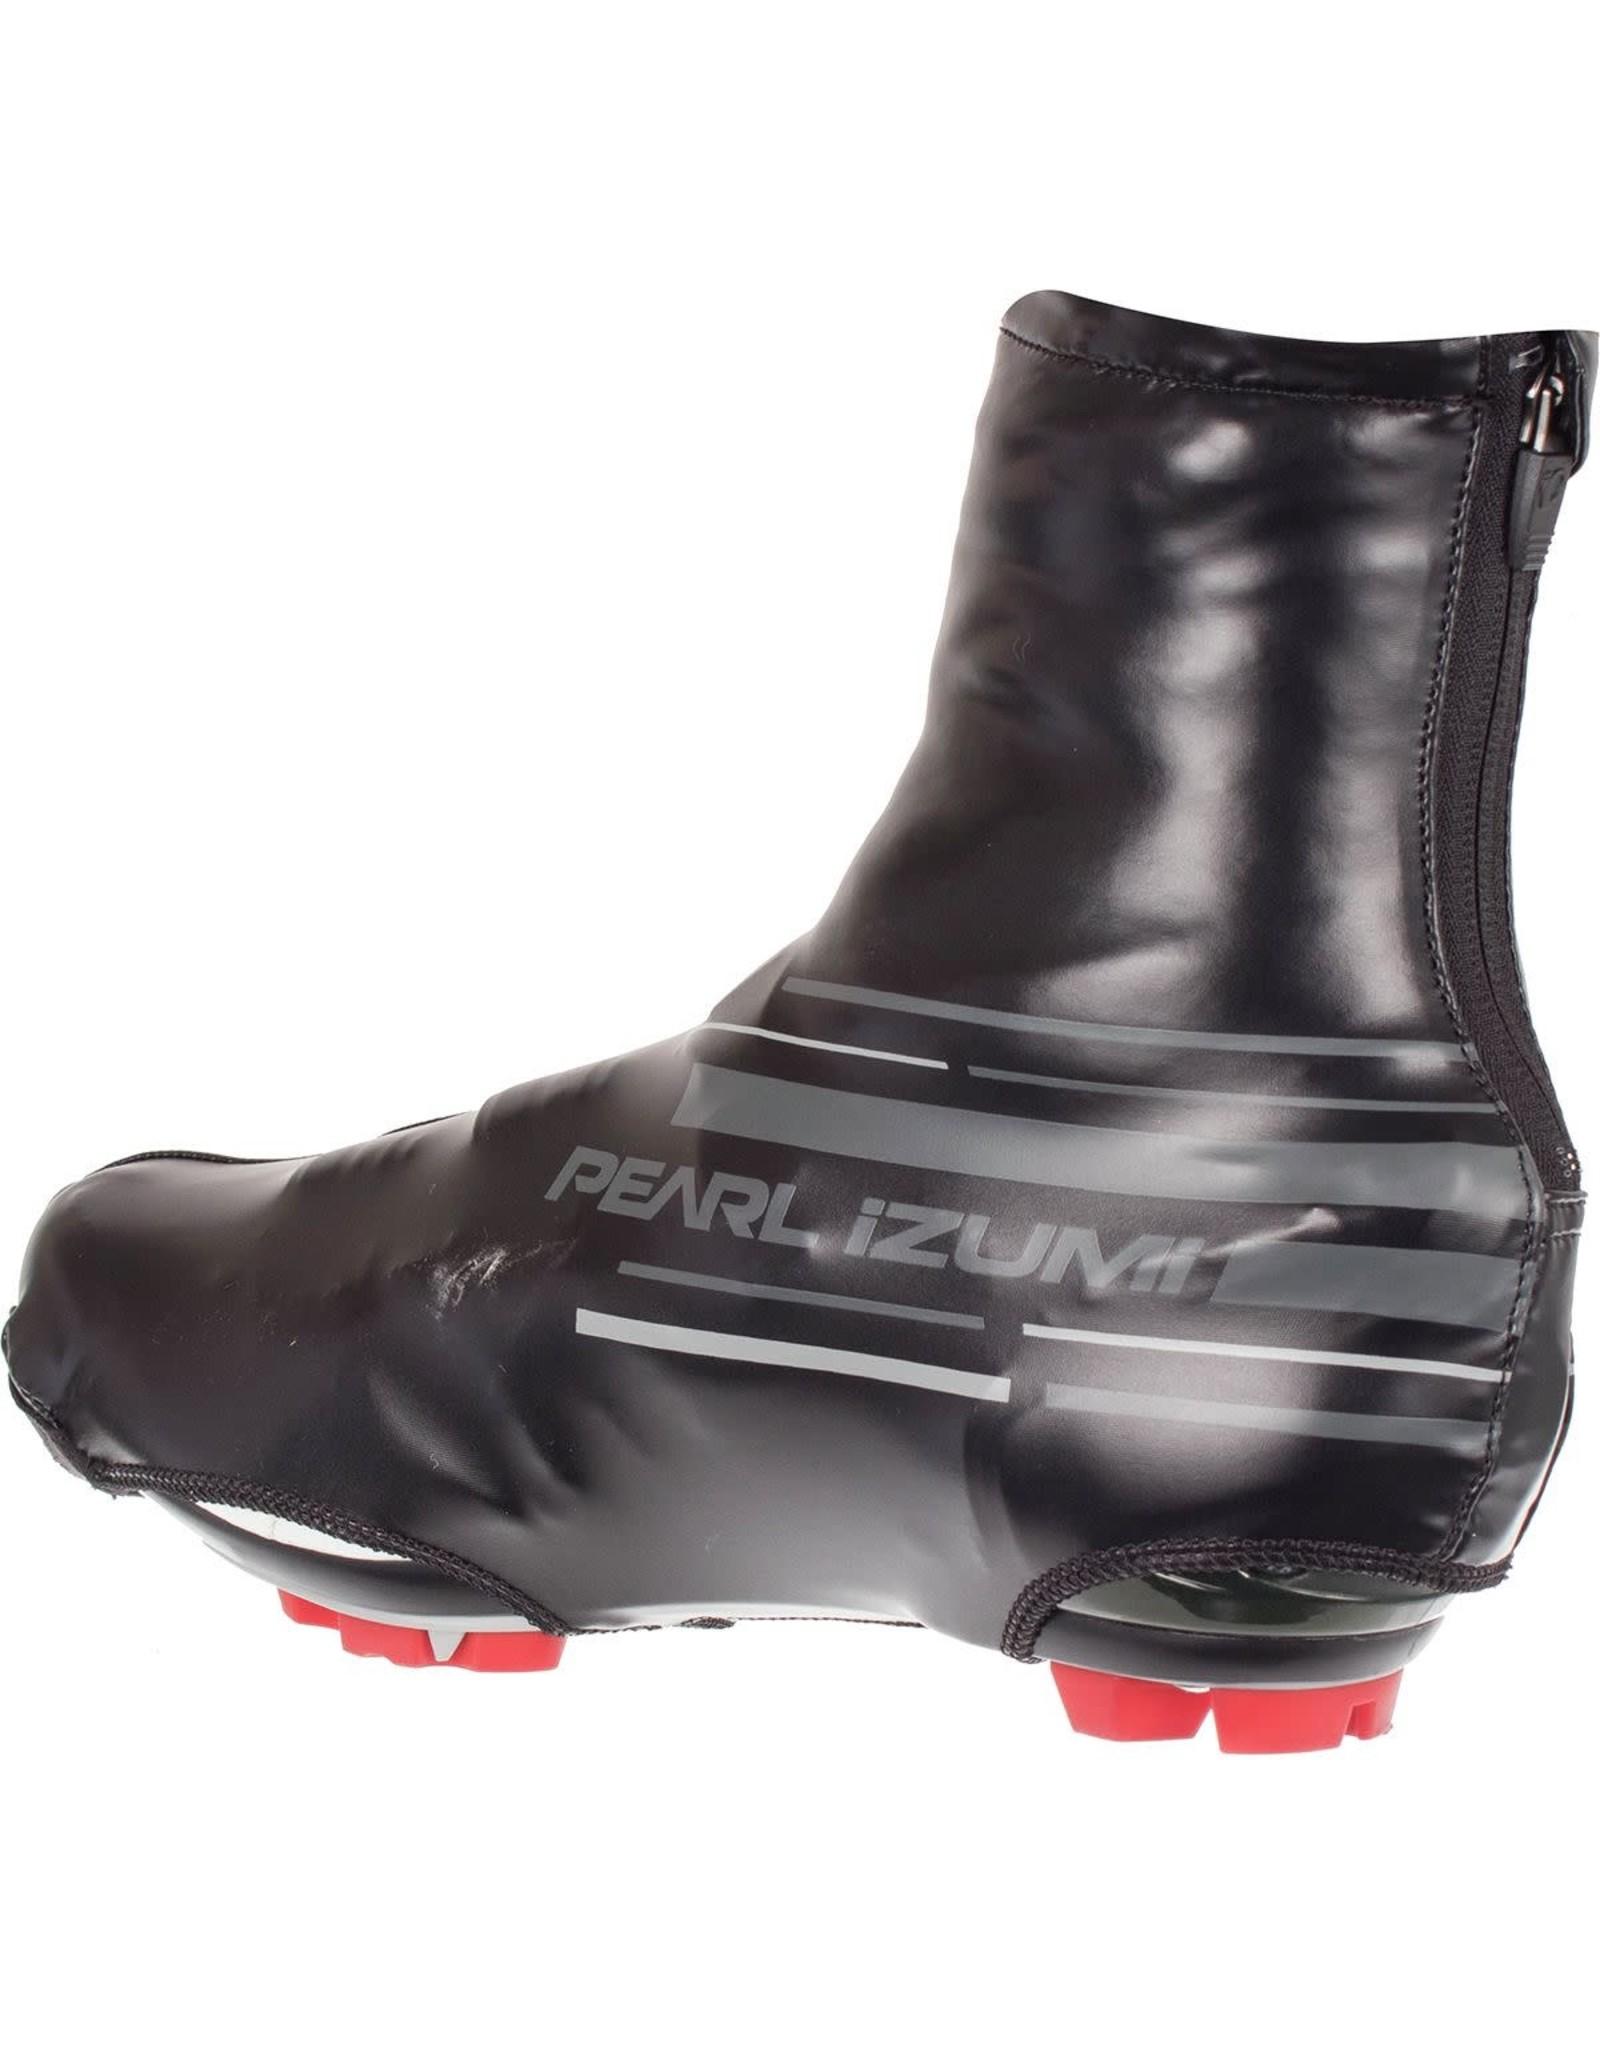 Pearl Izumi Shoe Cover Pro Barrier Lite